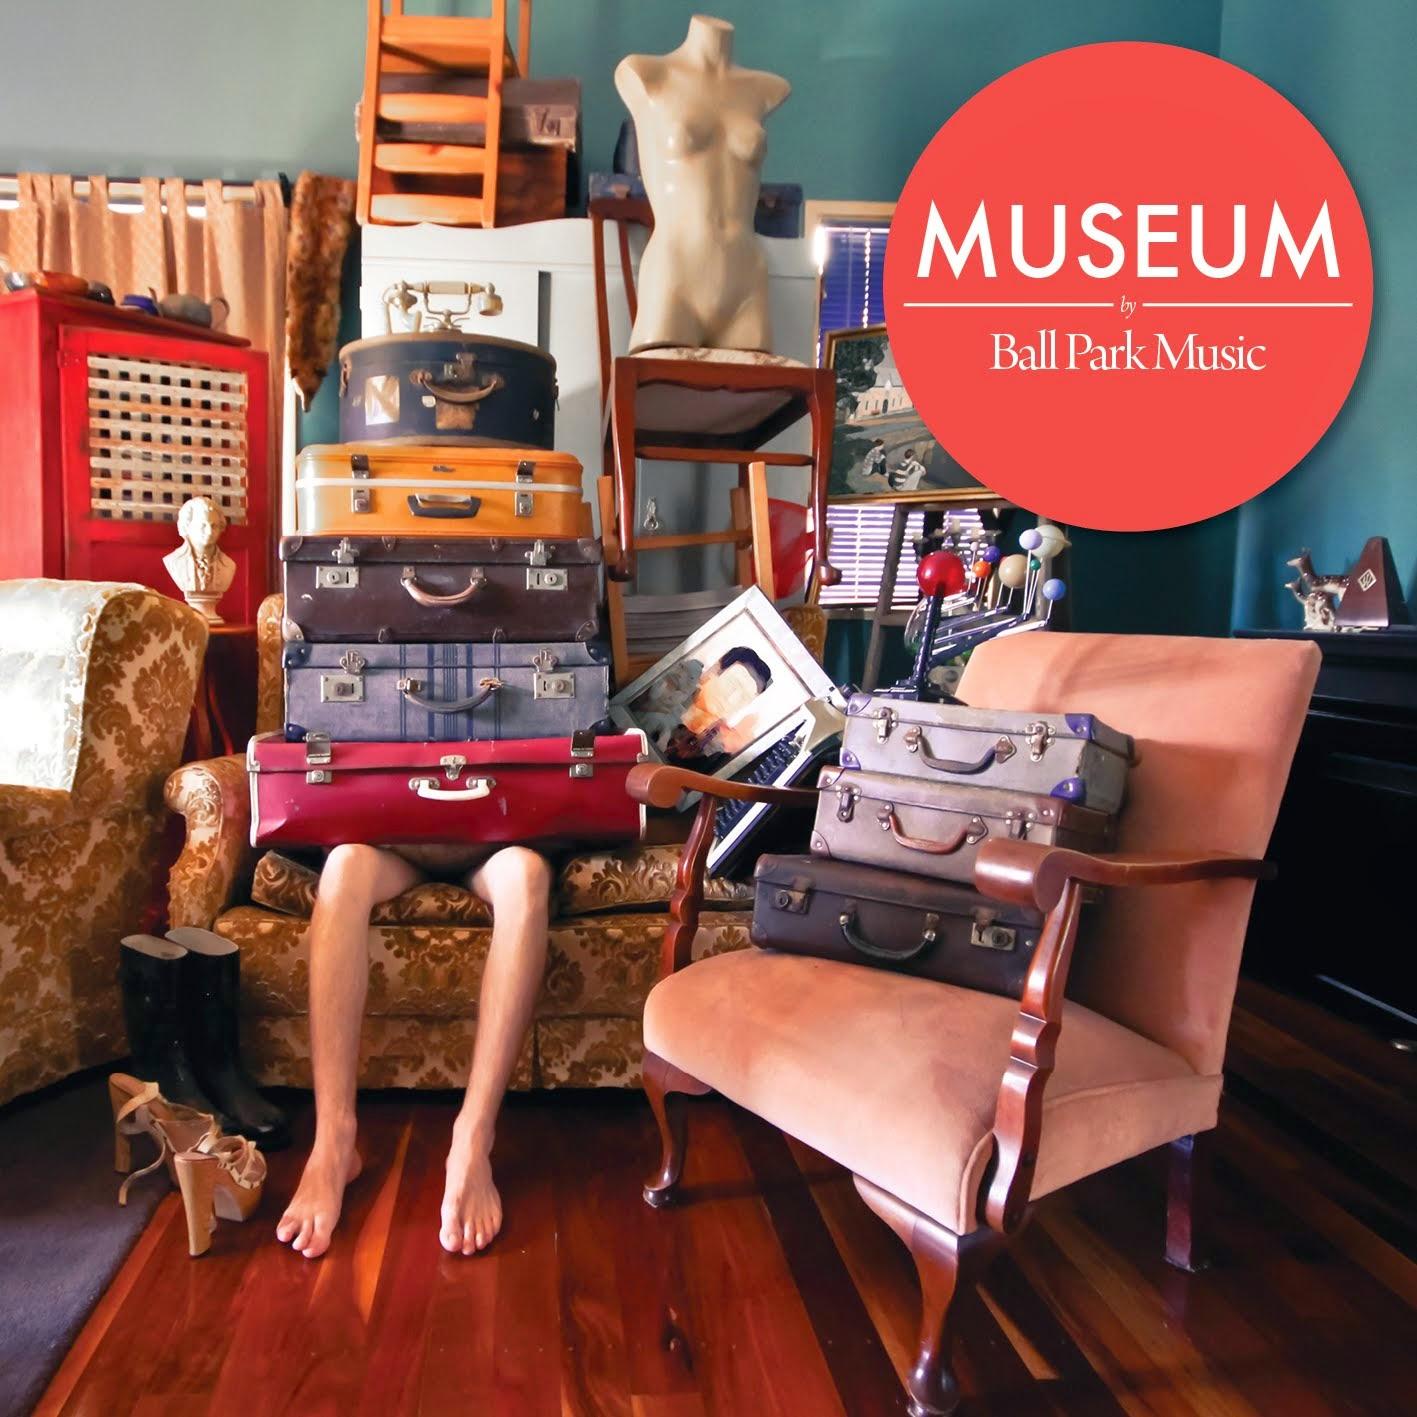 Ball Park Music - Museum